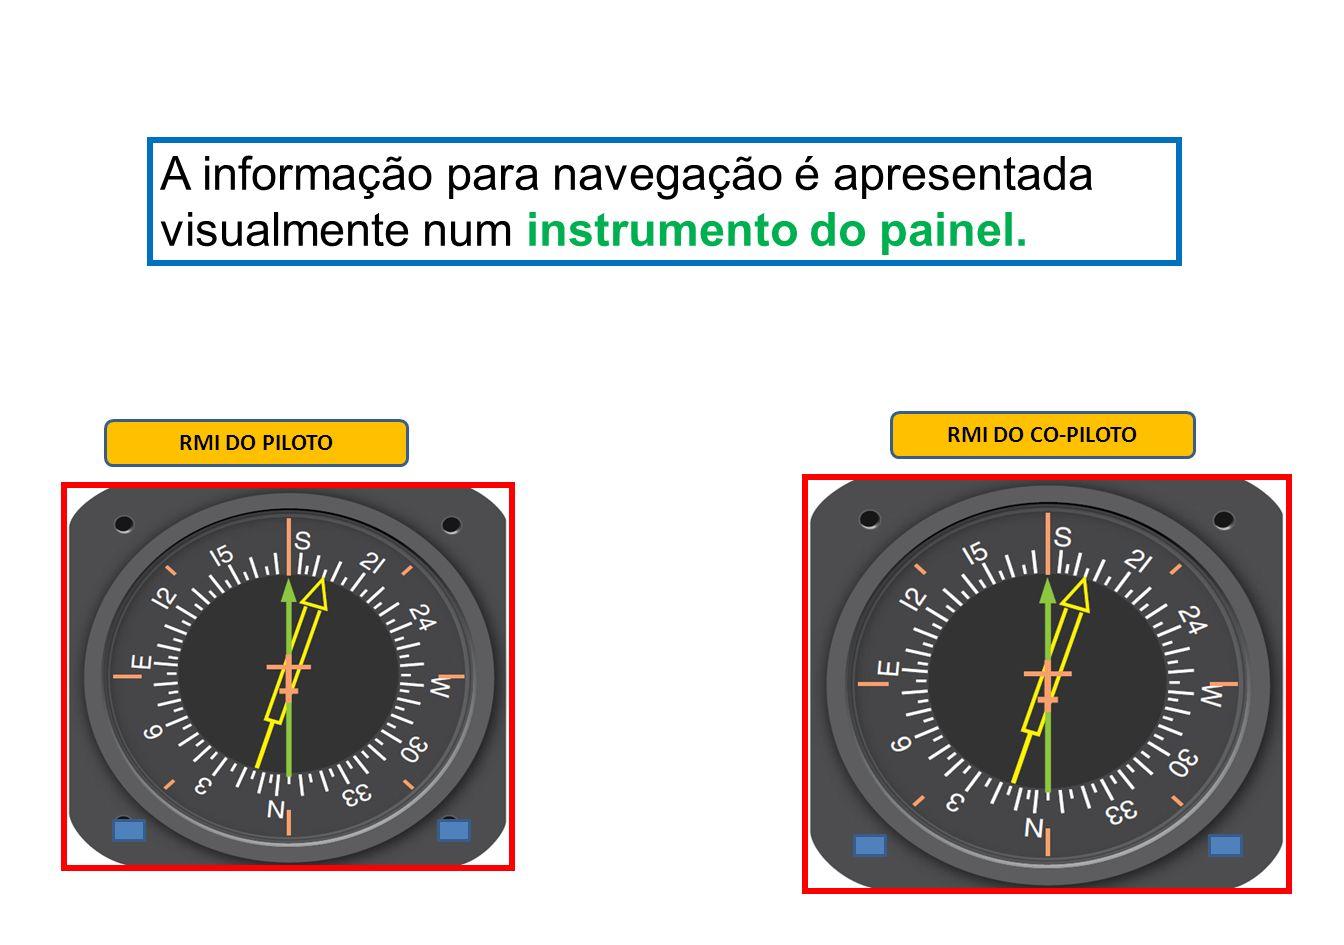 A informação para navegação é apresentada